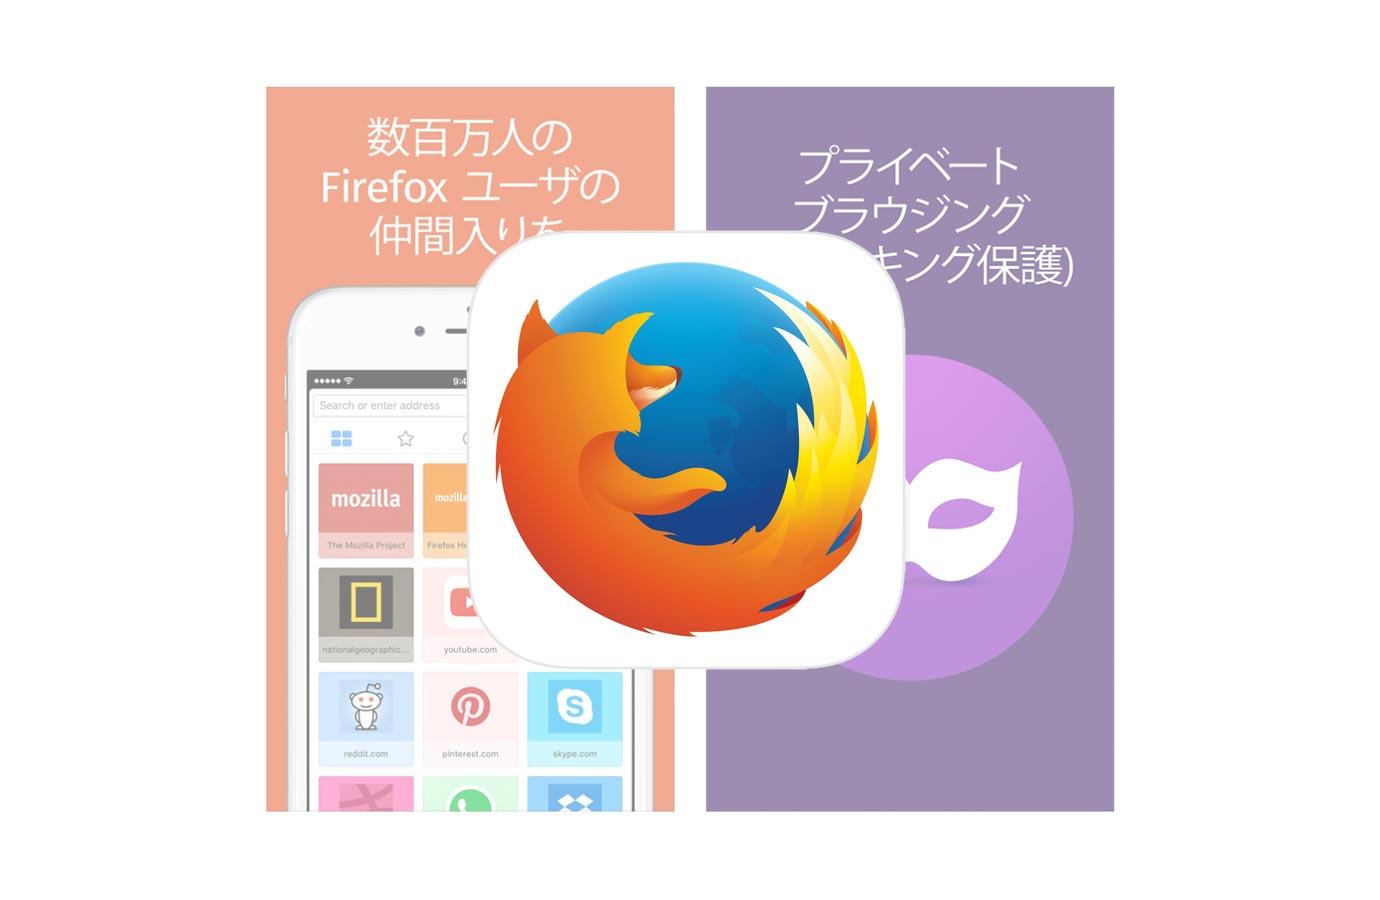 Mozilla、iOS 11への対応やデスクトップ版との同期機能を改善するなどしたiOSアプリ「Firefox 9.2」リリース